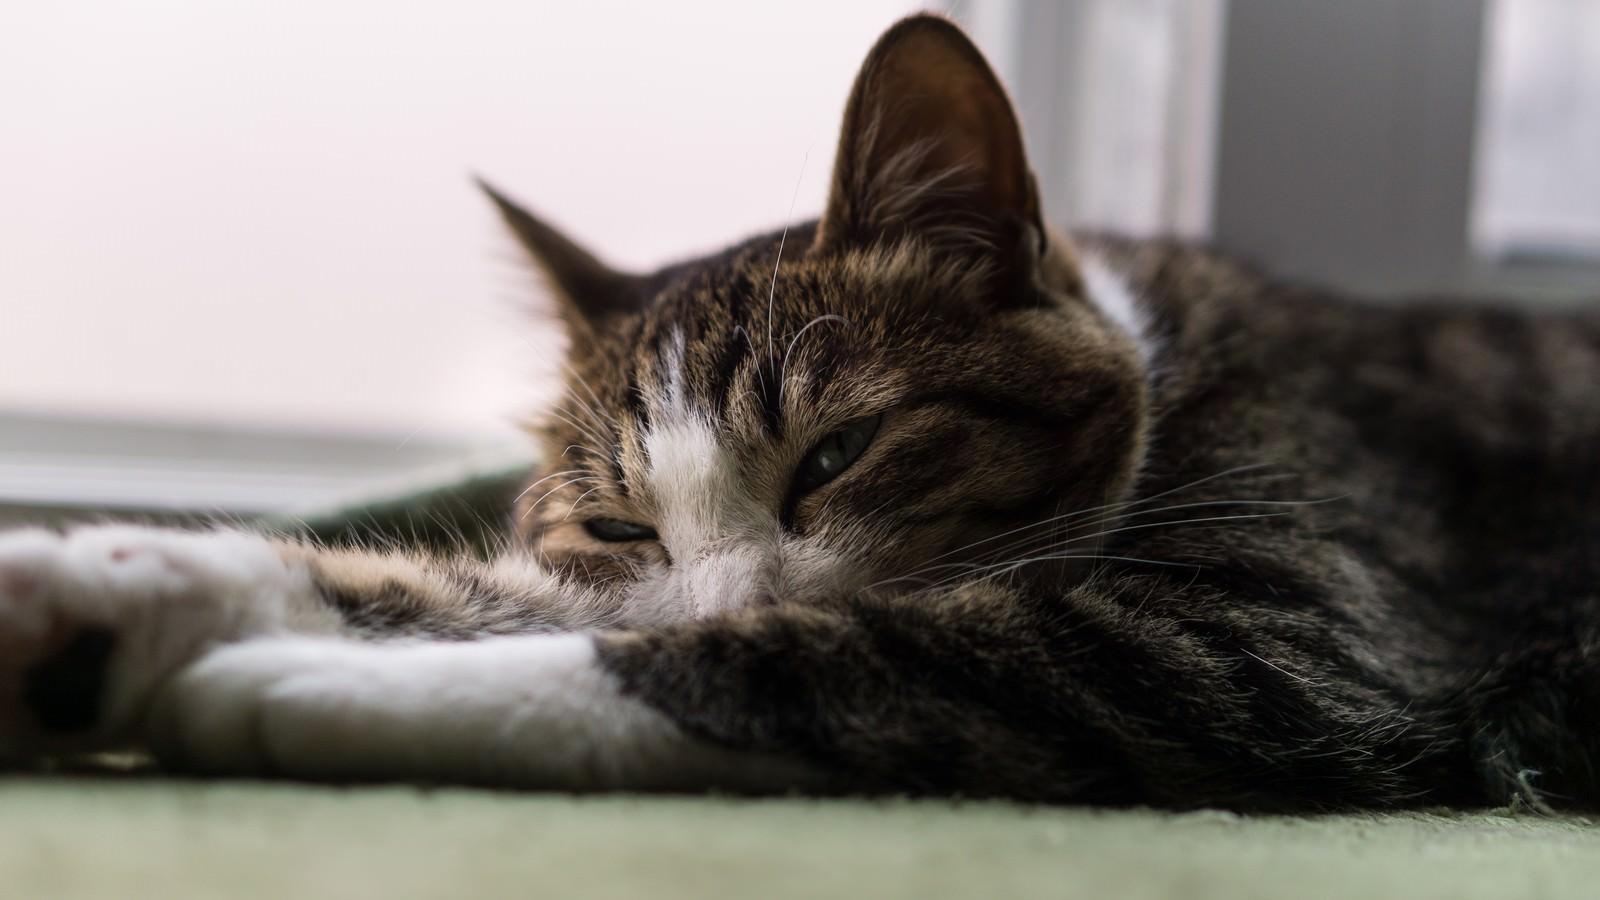 「眠くて力尽きそうな猫眠くて力尽きそうな猫」のフリー写真素材を拡大